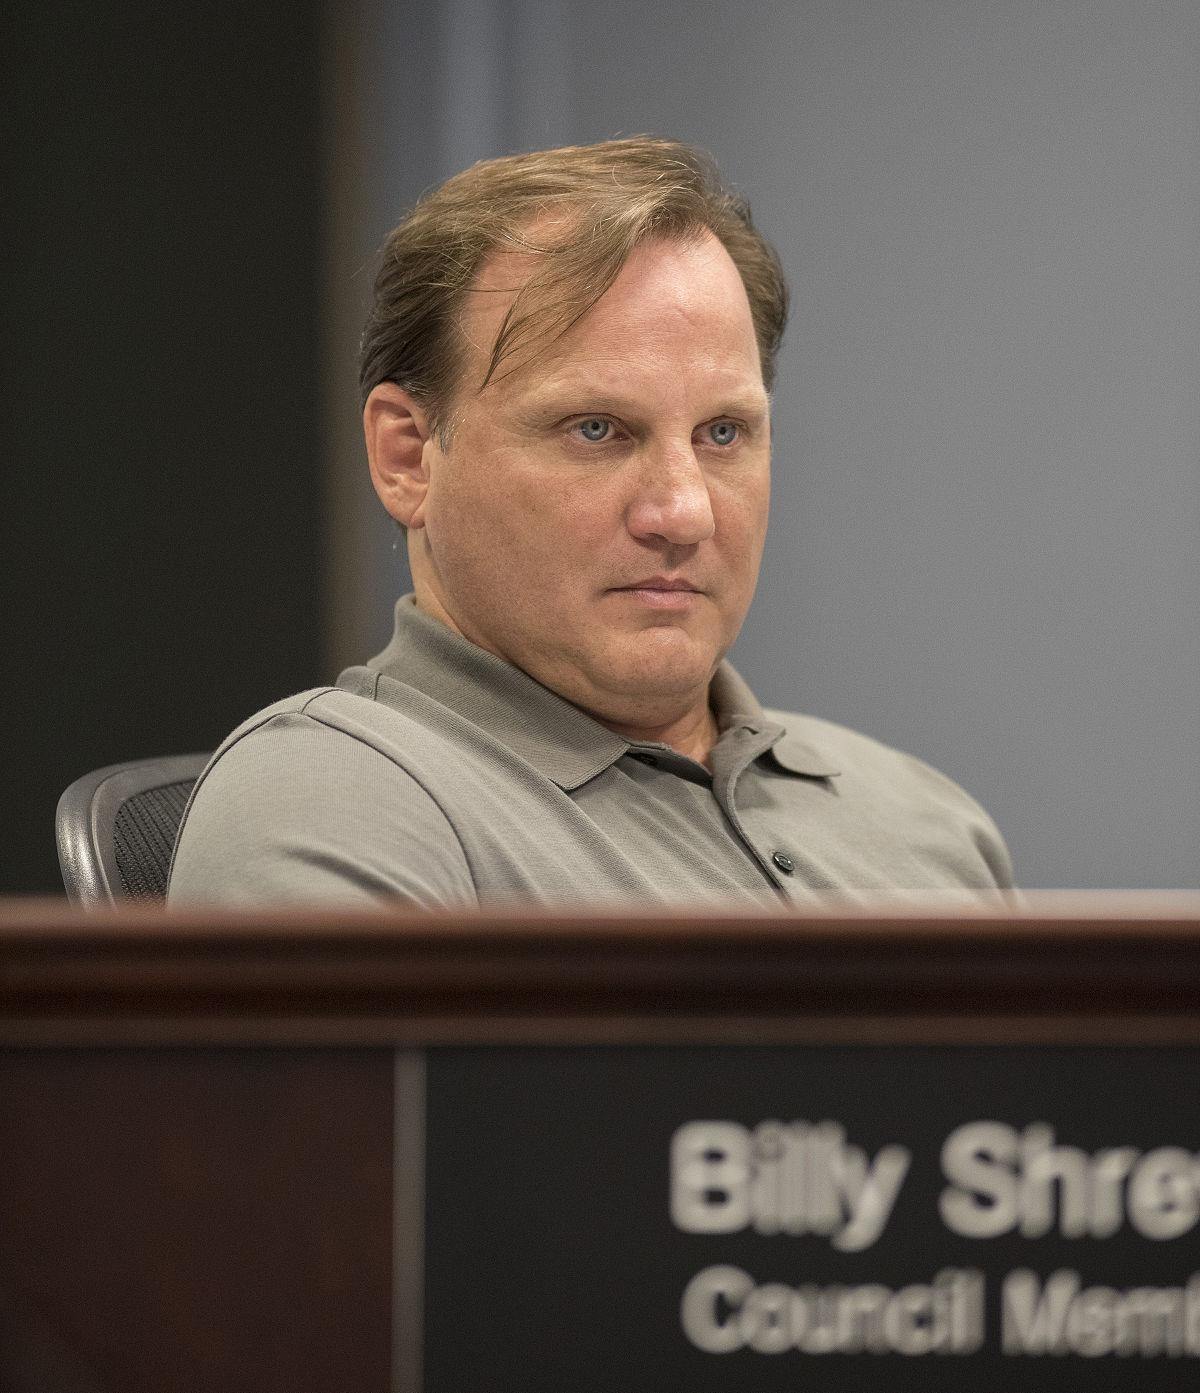 Billy Shreve